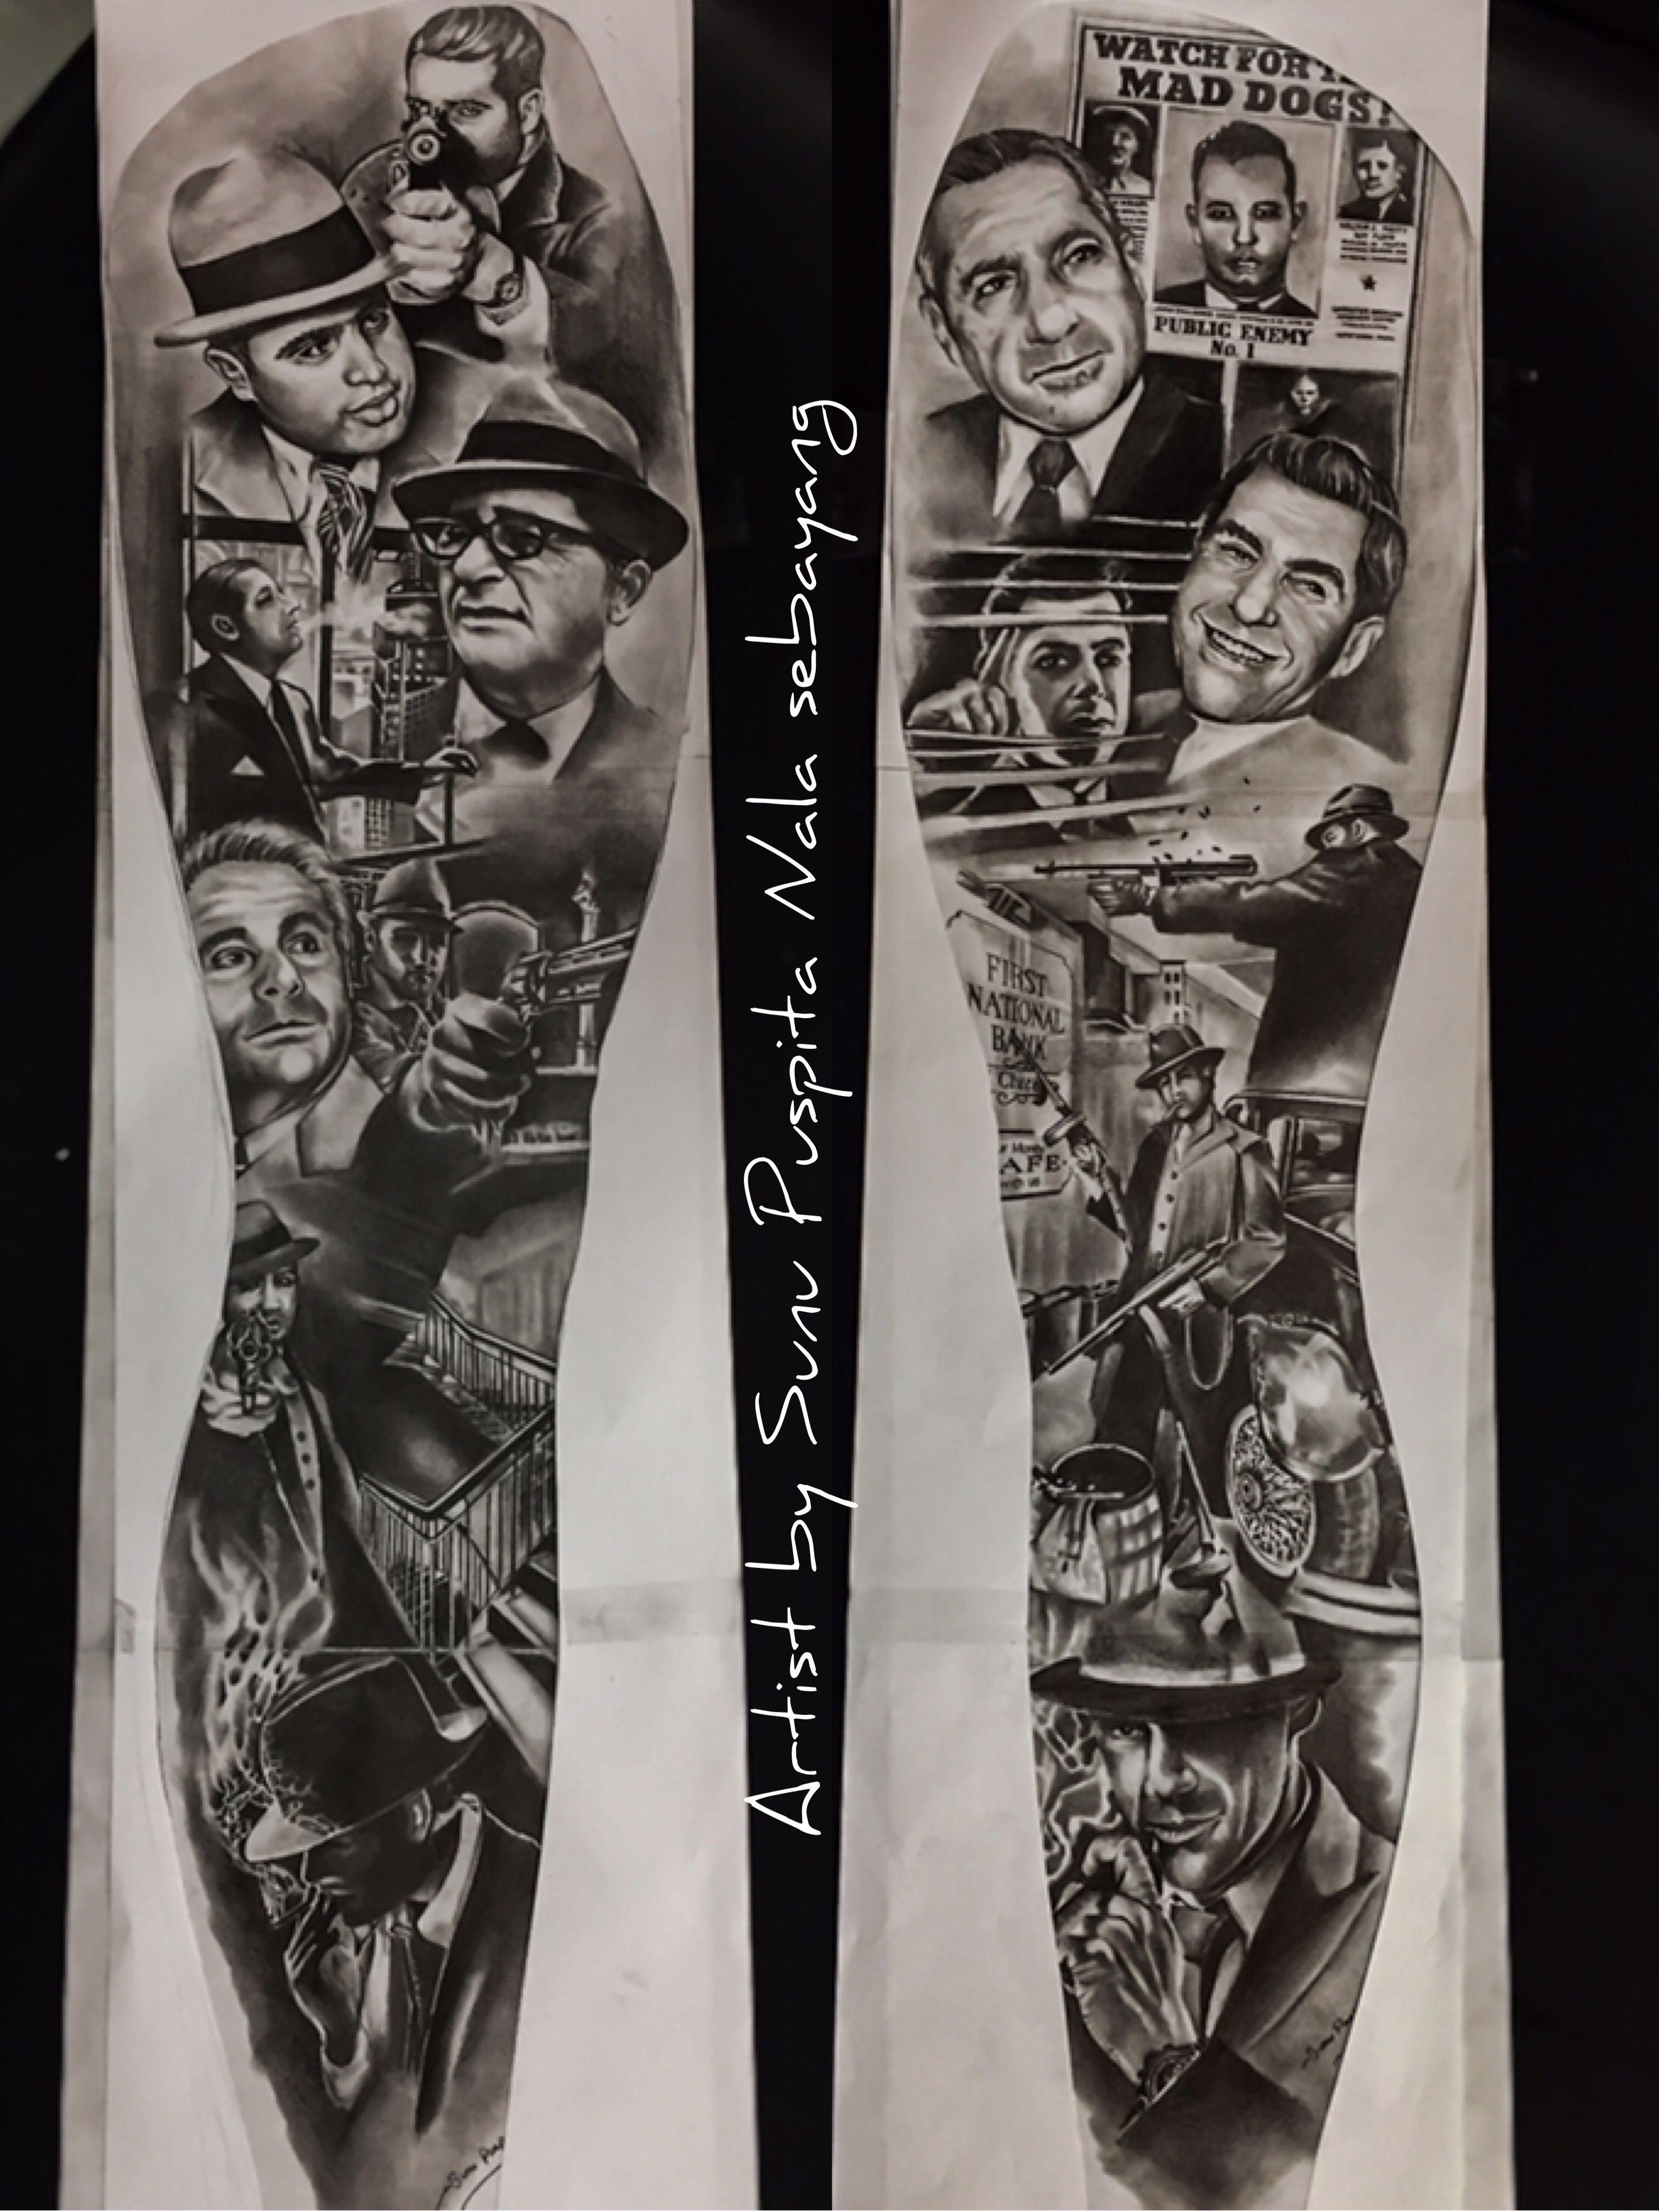 Bonnie And Clyde Tattoo: Ιδέες τατουάζ και Τατουάζ